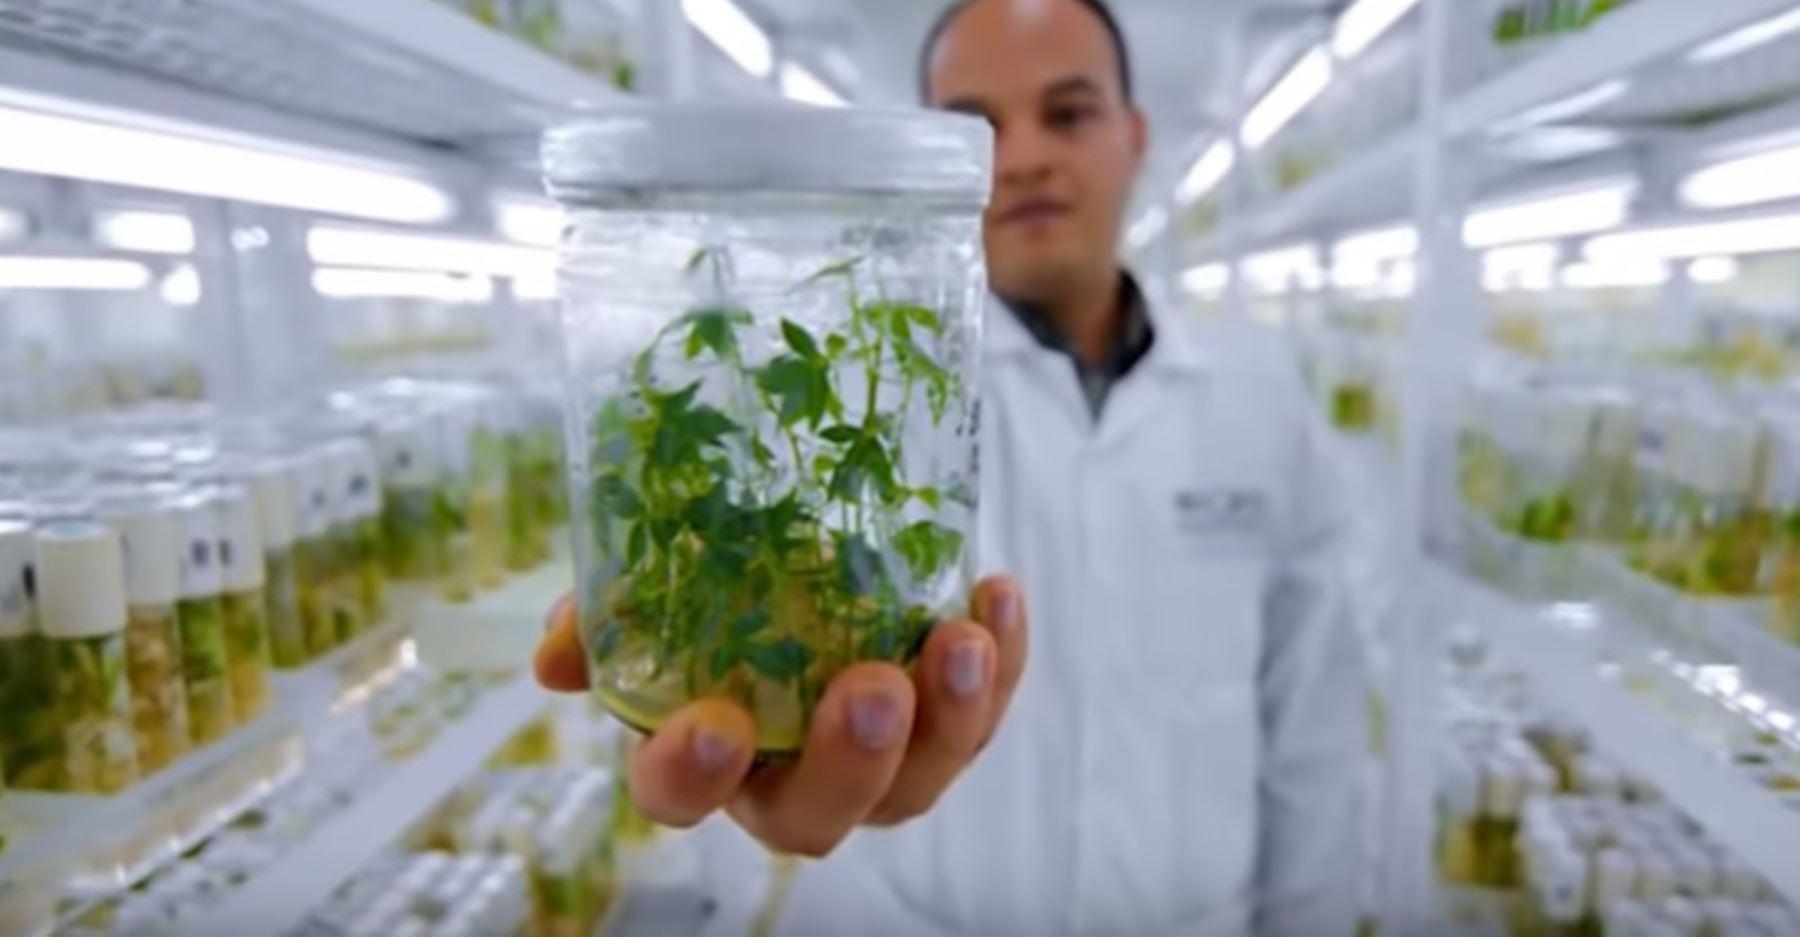 Banco de Germoplasma del Instituto Nacional de Innovación Agraria (INIA)